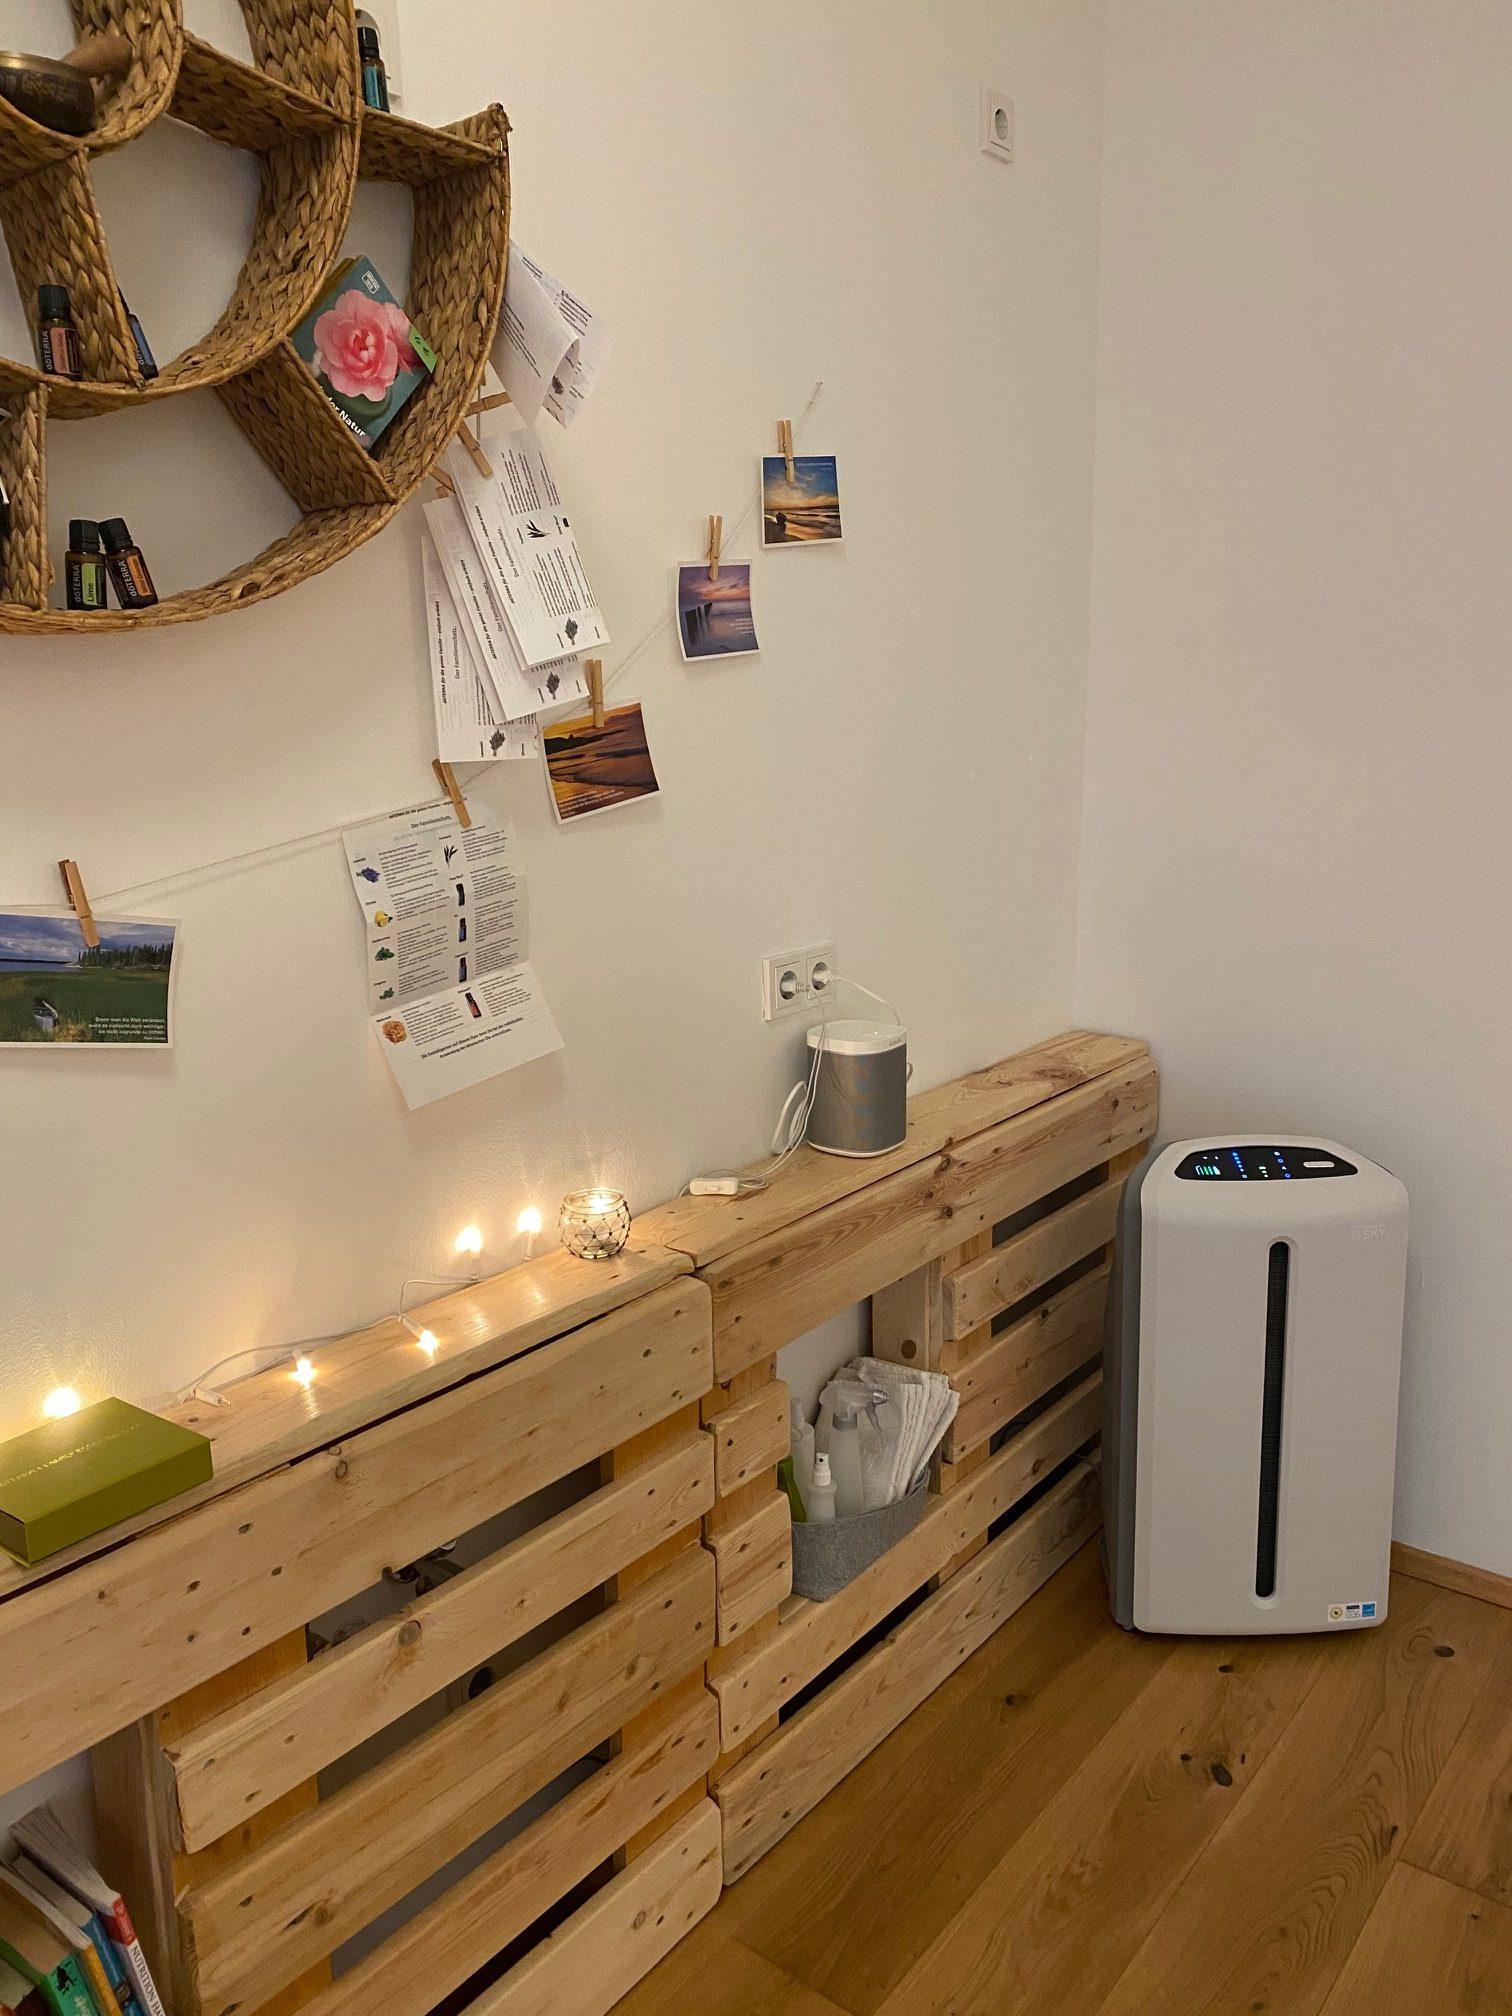 Luftfilter im Yogaraum